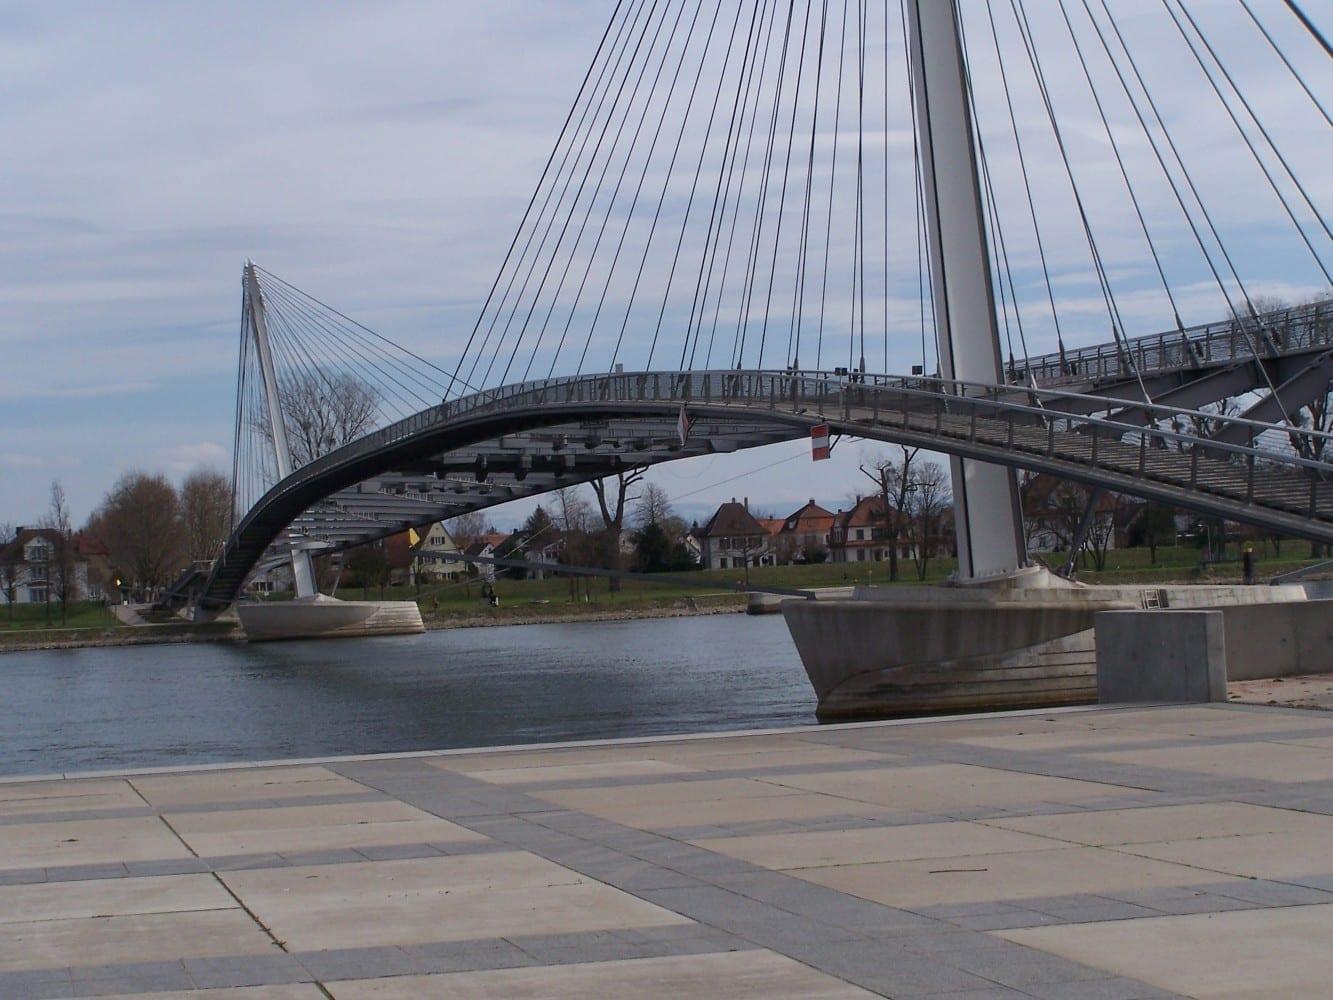 Puente peatonal a Kehl, Alemania Estrasburgo Francia